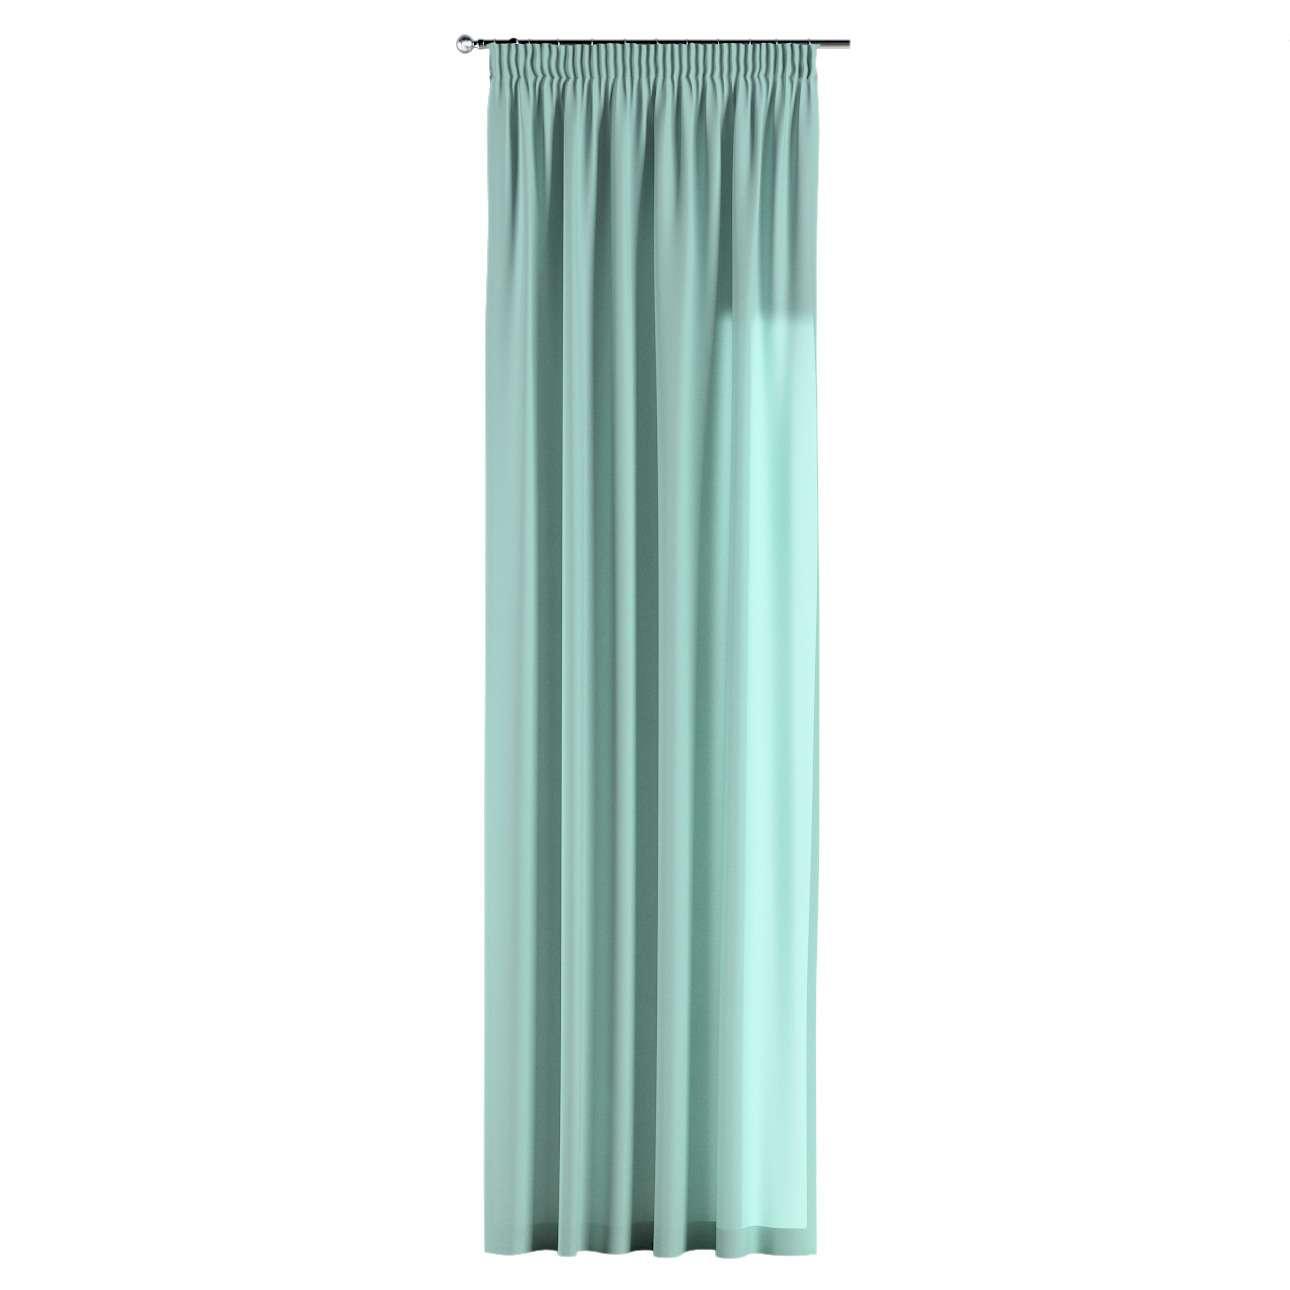 Vorhang mit Kräuselband 1 Stck. 130 x 260 cm von der Kollektion Loneta, Stoff: 133-32